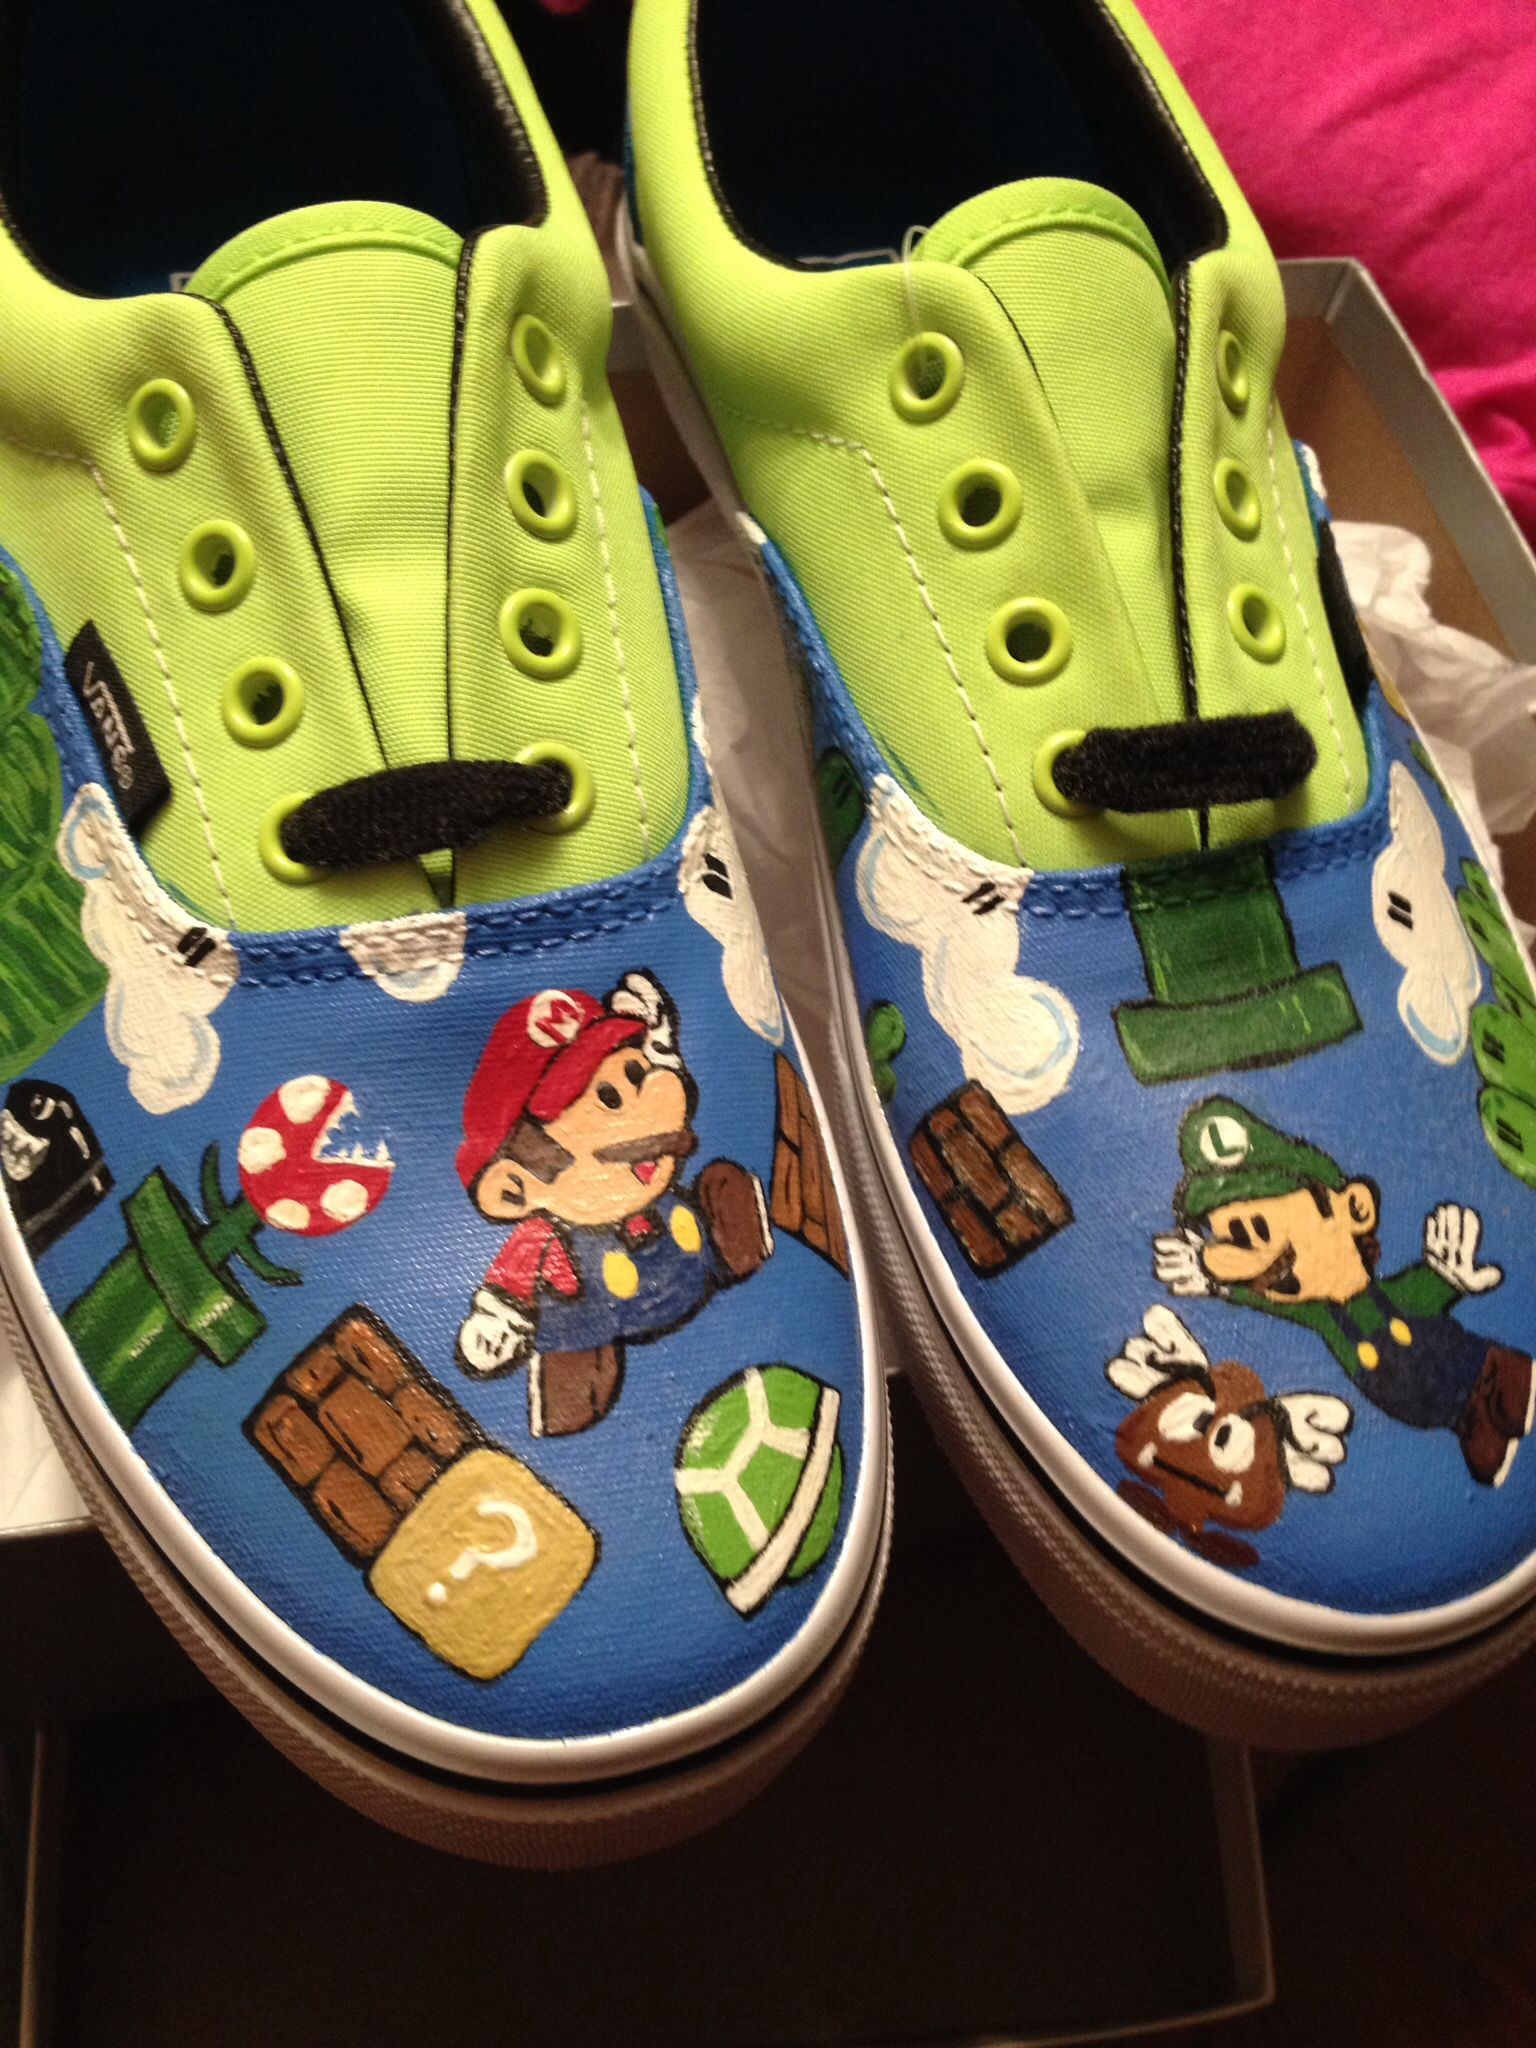 Mario bros custom painted vans. Facebook.com princessgarments Painted Vans 77aa35eaf38a